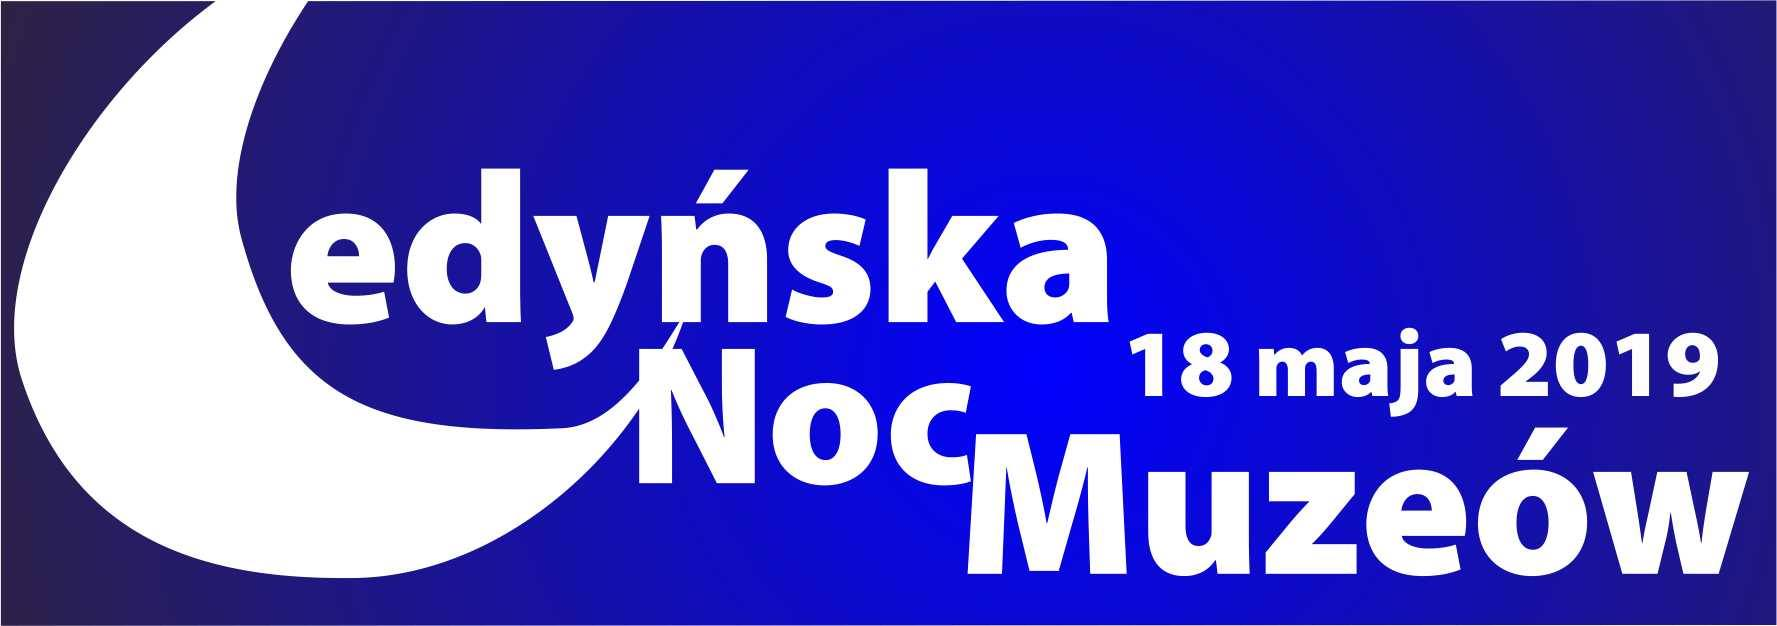 Zapraszamy 18 maja na Cedyńską Noc Muzeów!